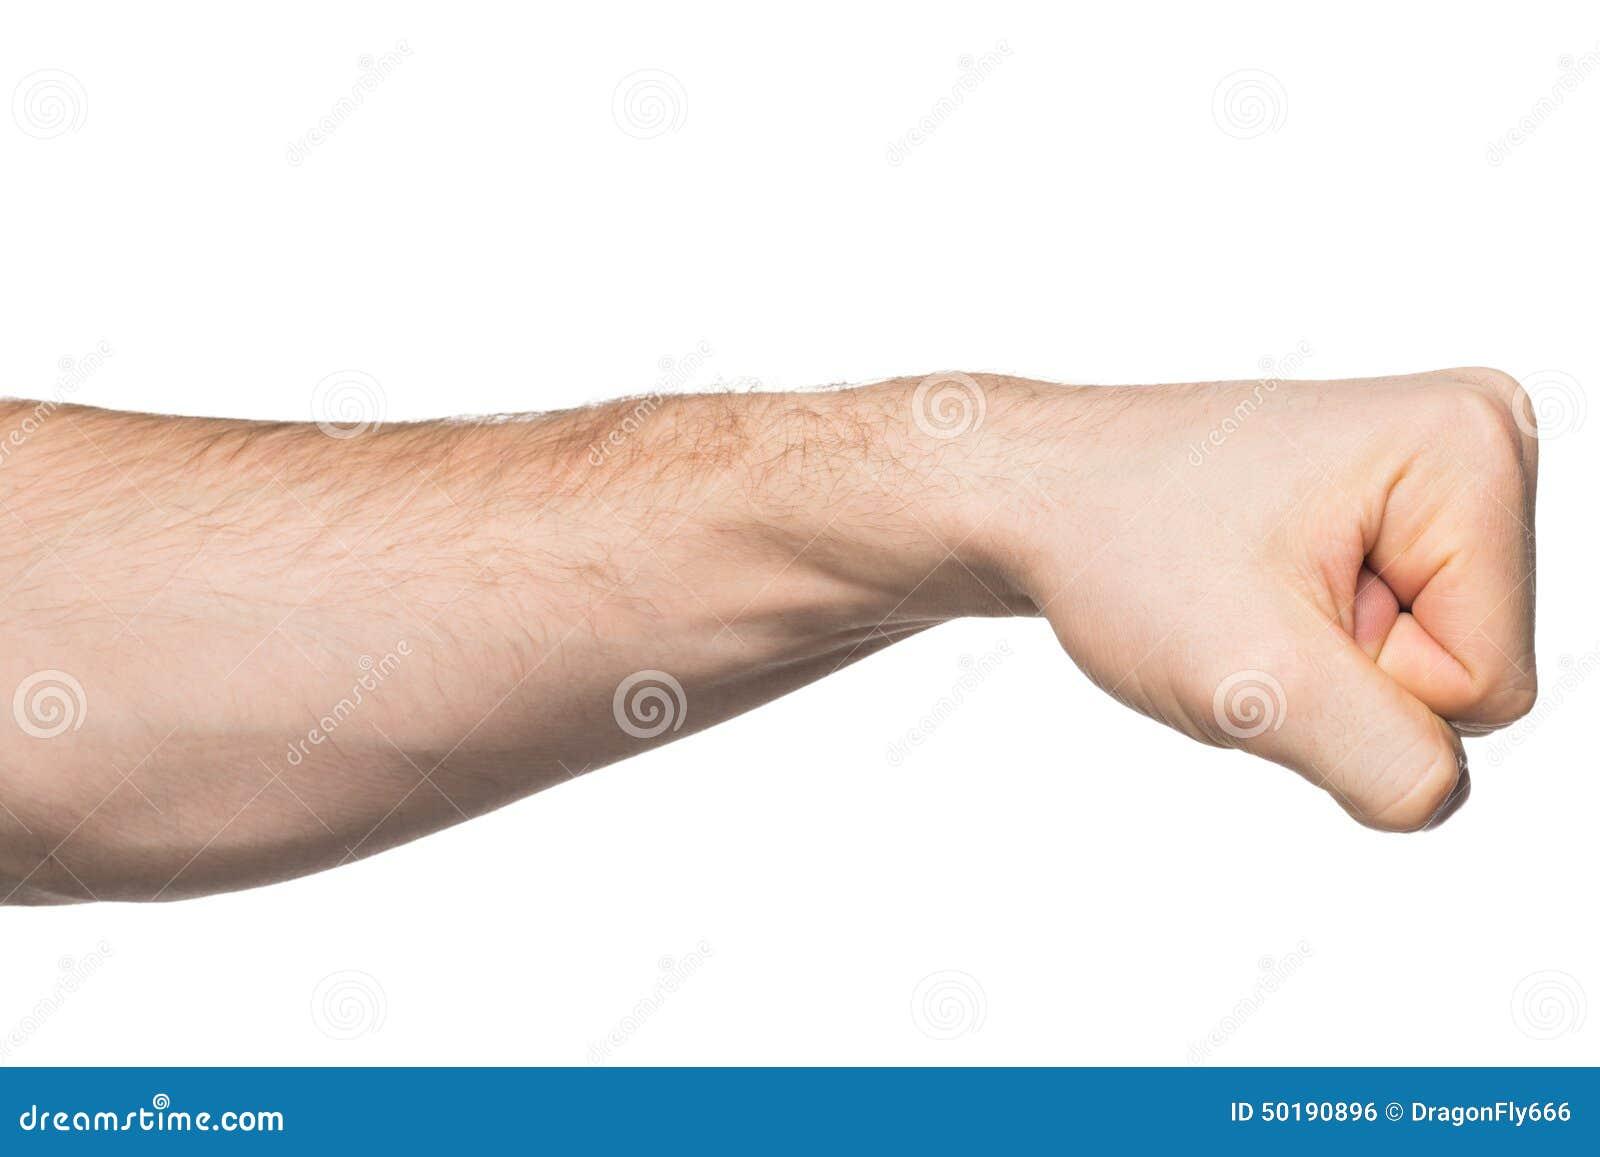 closed fist musculature image cut